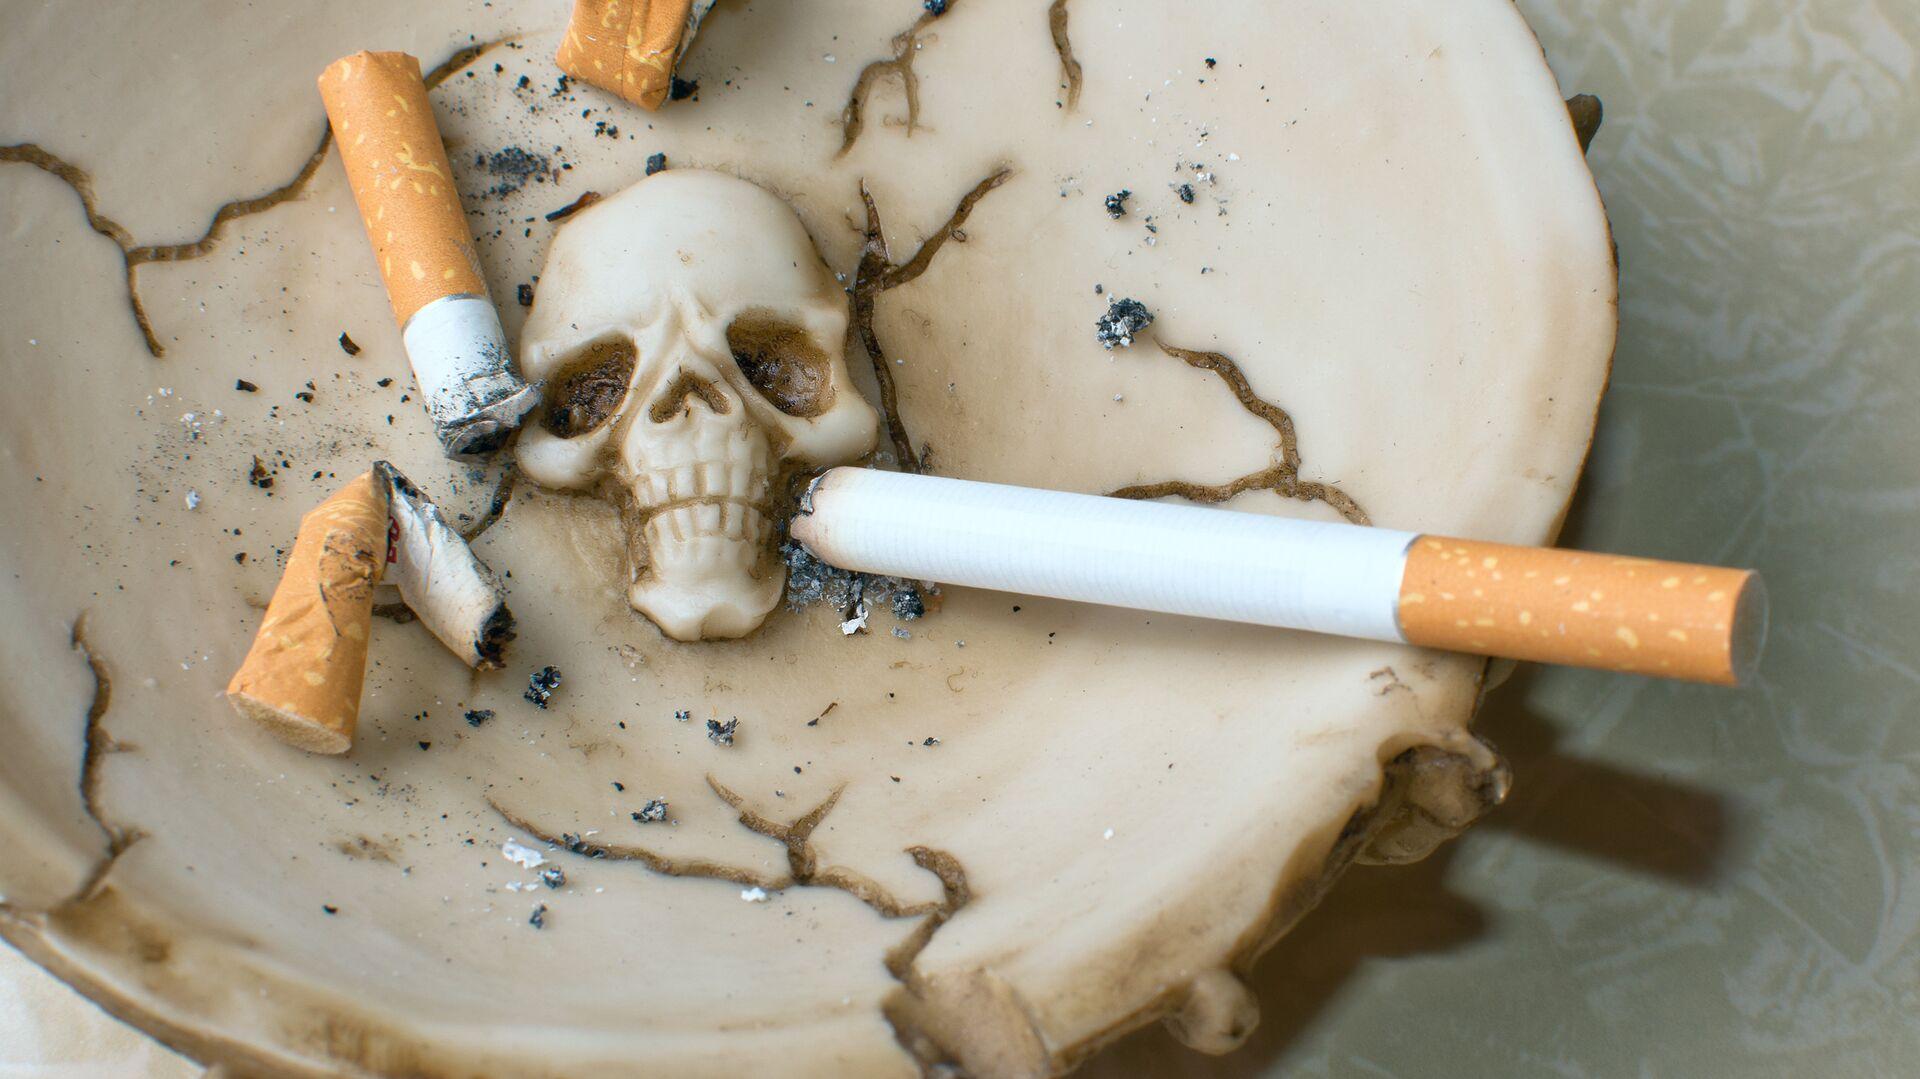 Сигареты в пепельнице - РИА Новости, 1920, 11.01.2021